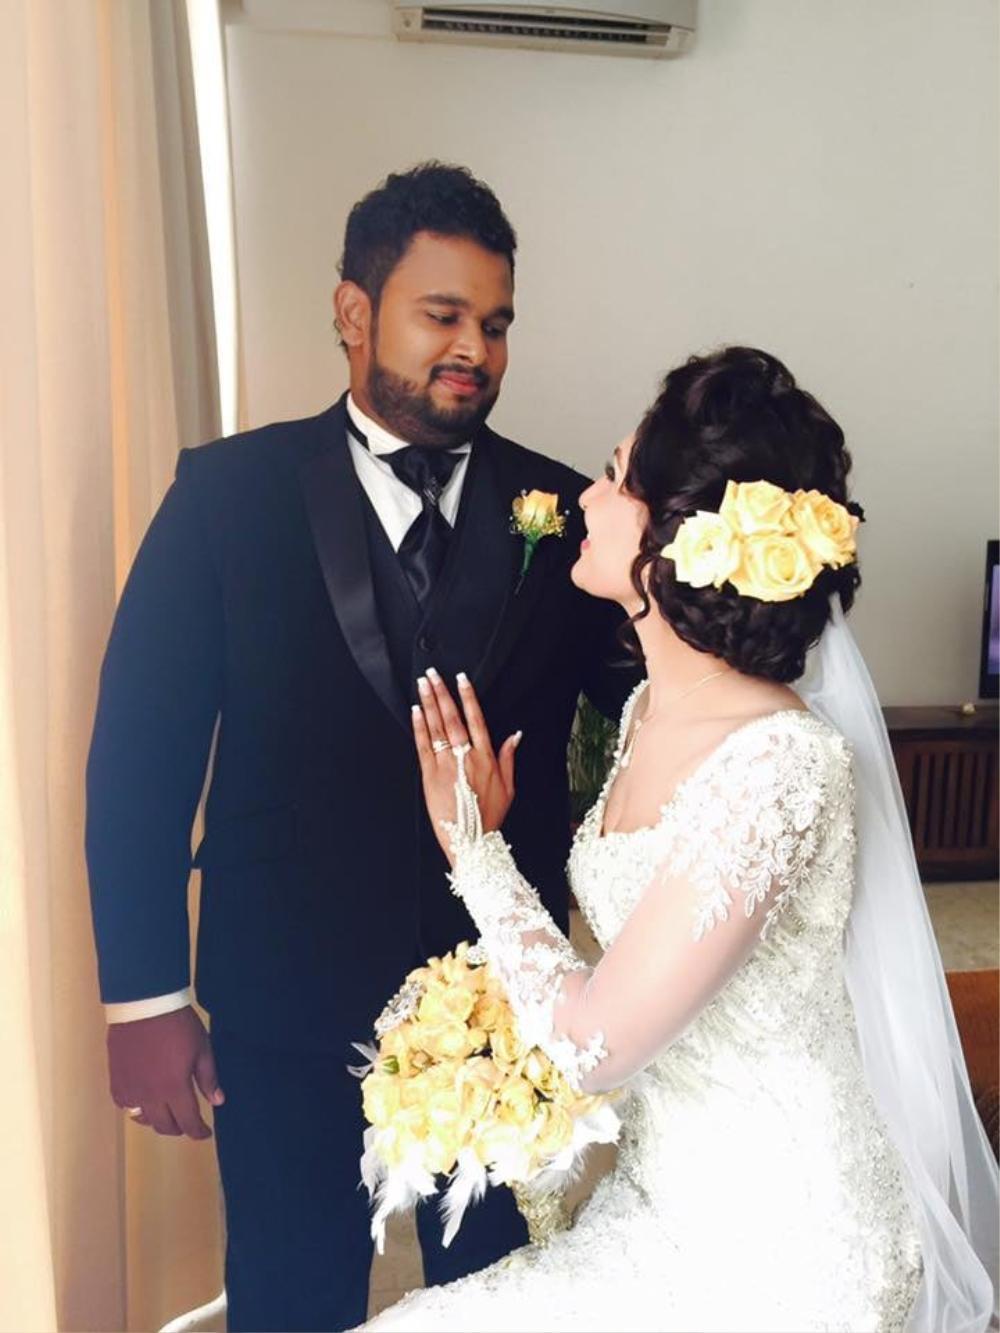 Mới đăng quang hoa hậu, quý bà Sri Lanka bị giật vương miện trên sân khấu, chấn thương phải nhập viện Ảnh 9